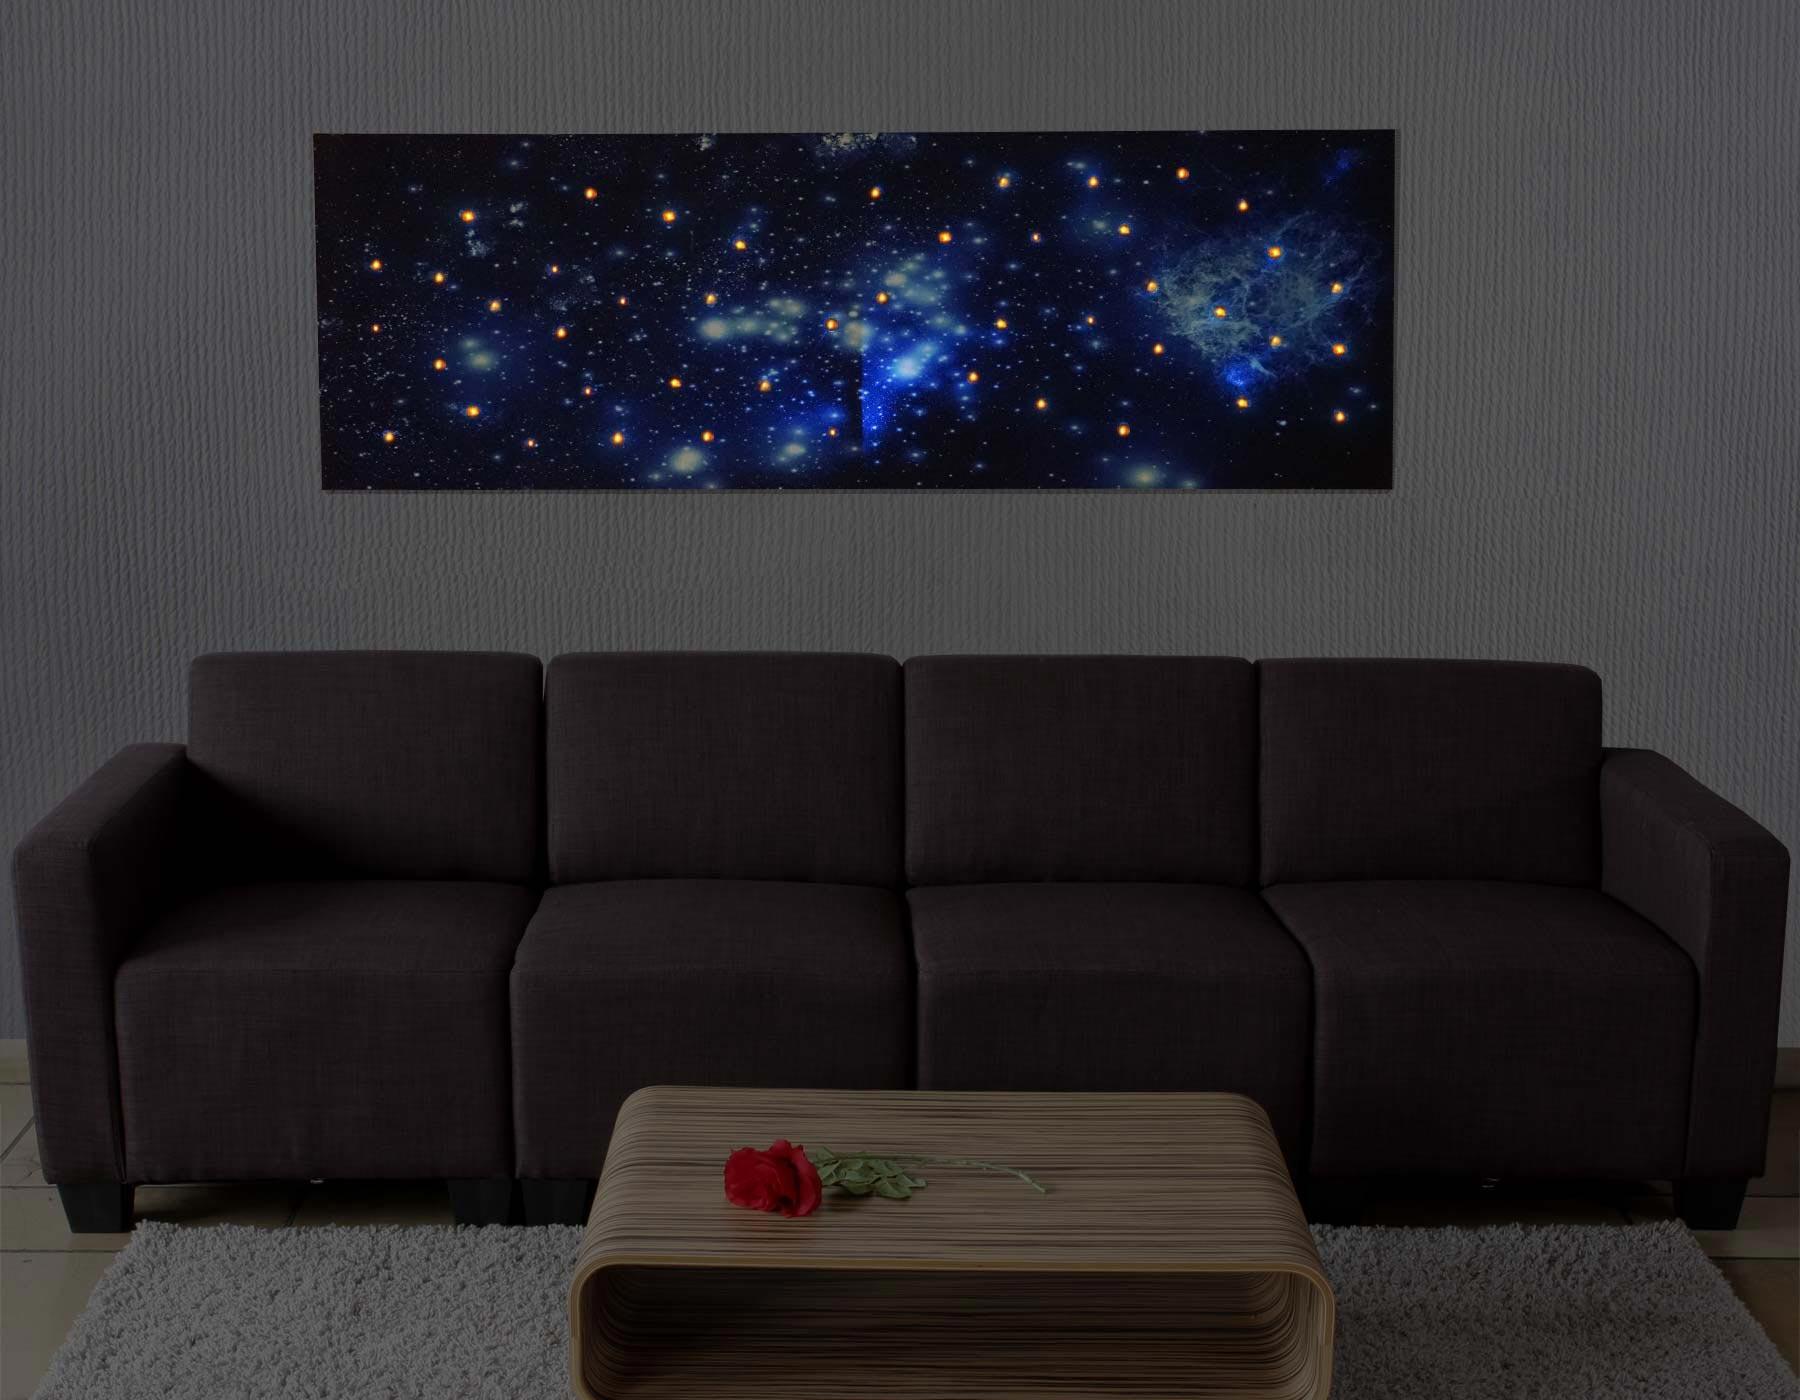 Cuadro led universo con iluminaci n 40x120 cm cuadro con iluminaci n led universo - Iluminacion para cuadros ...